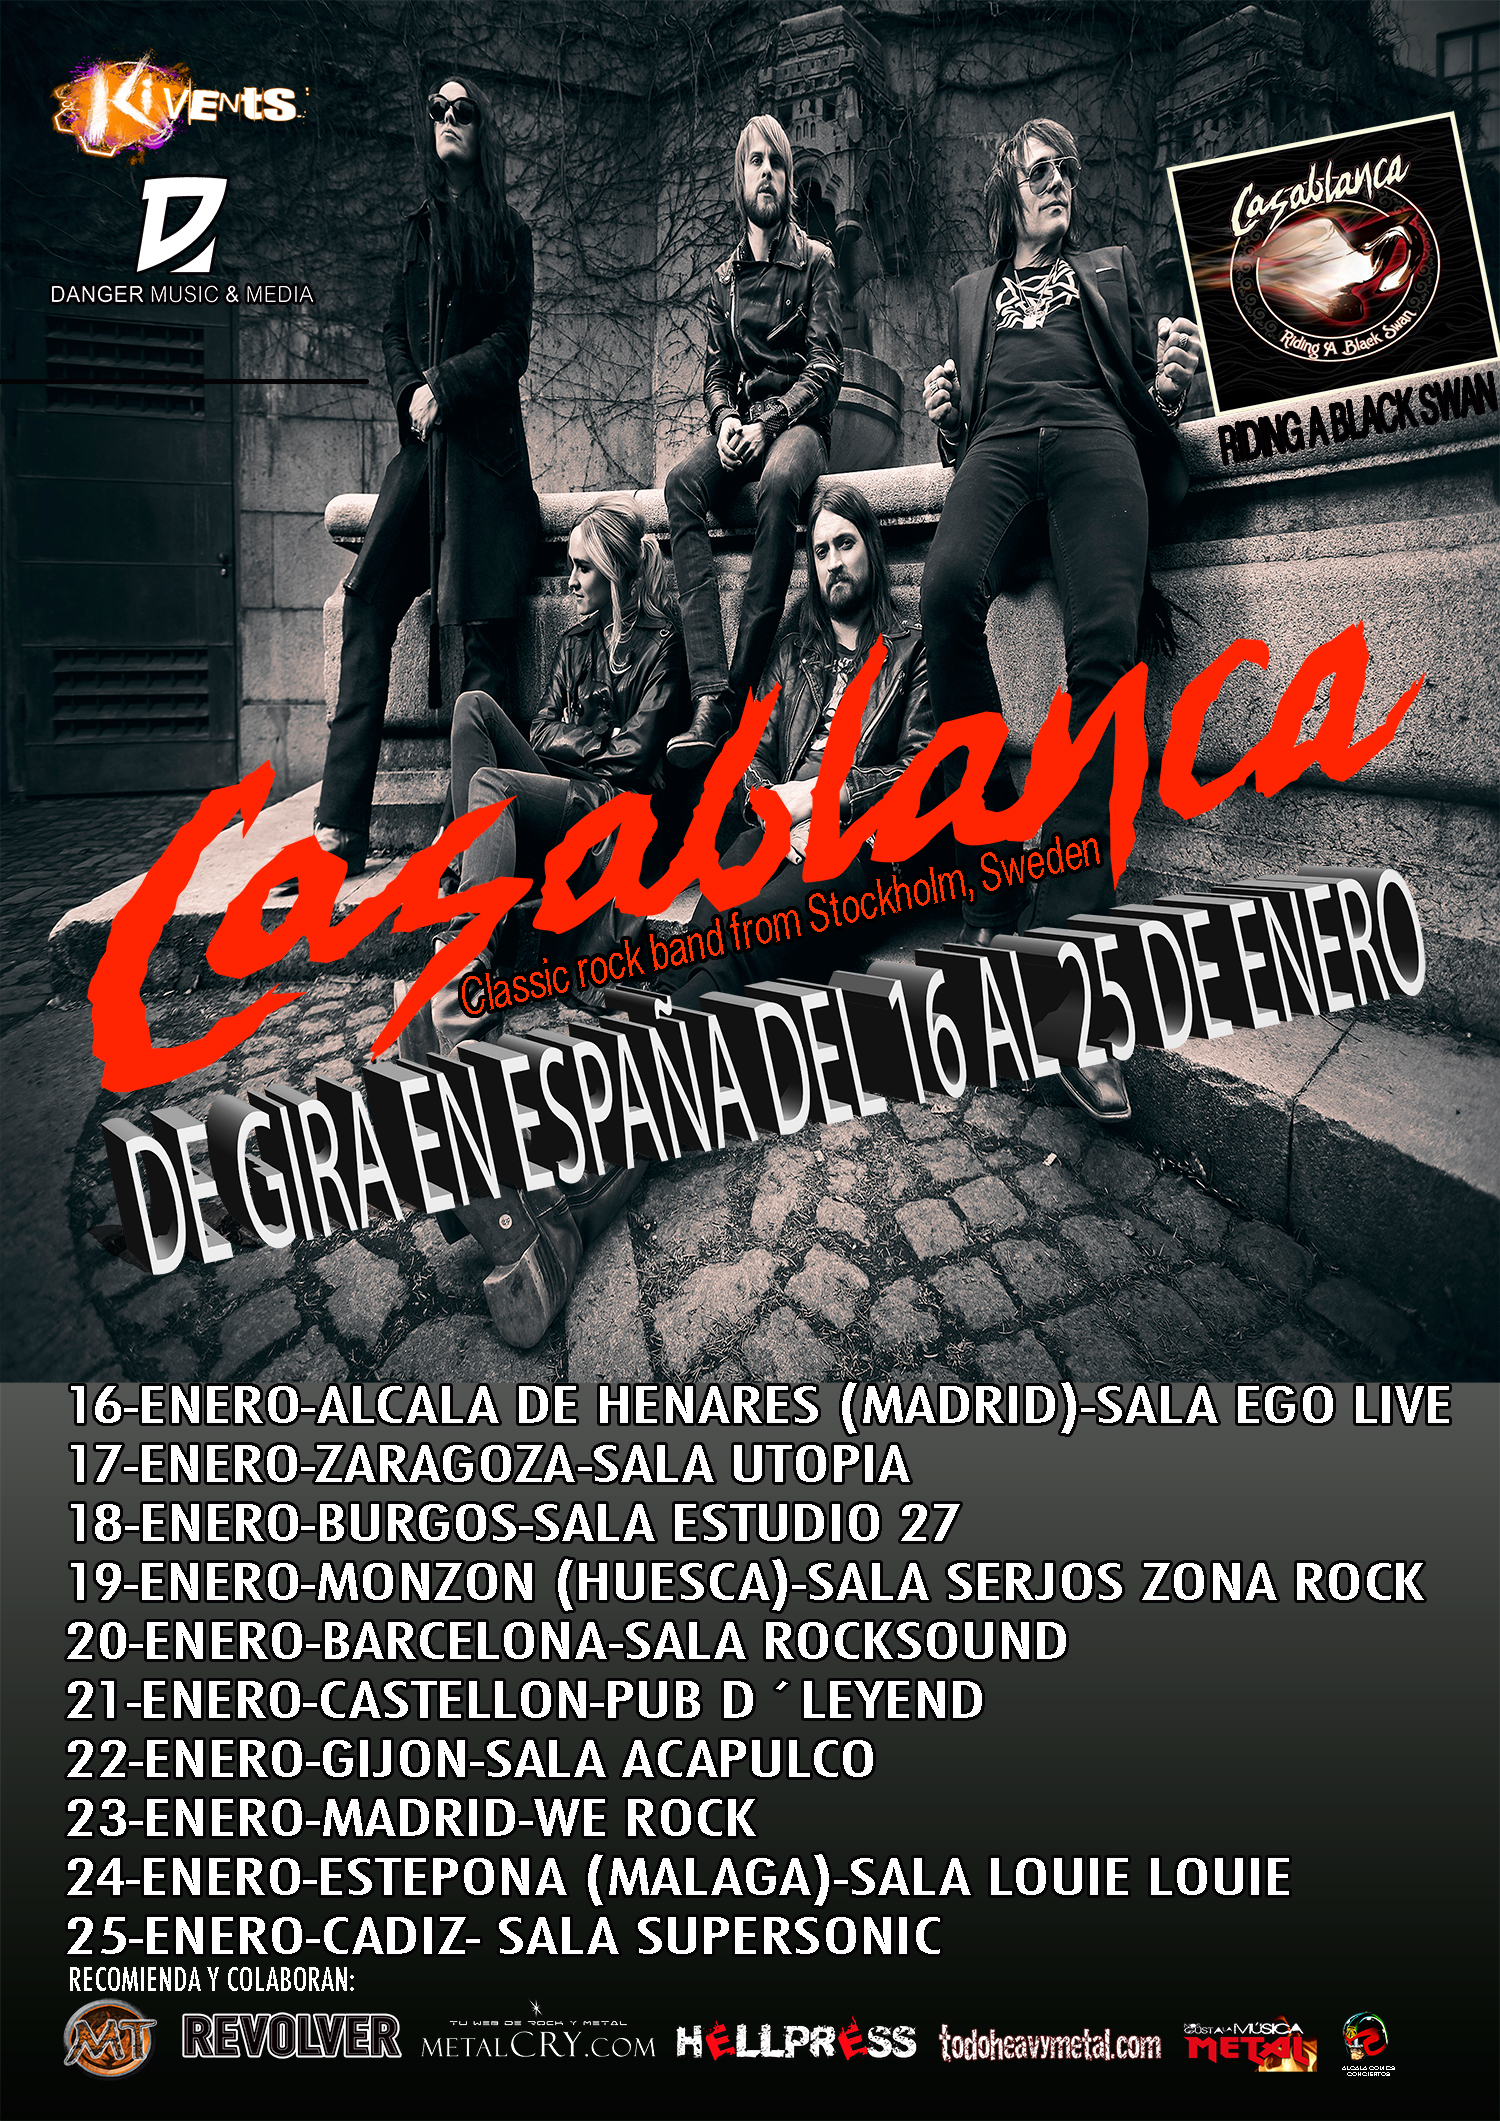 Gira Casablanca